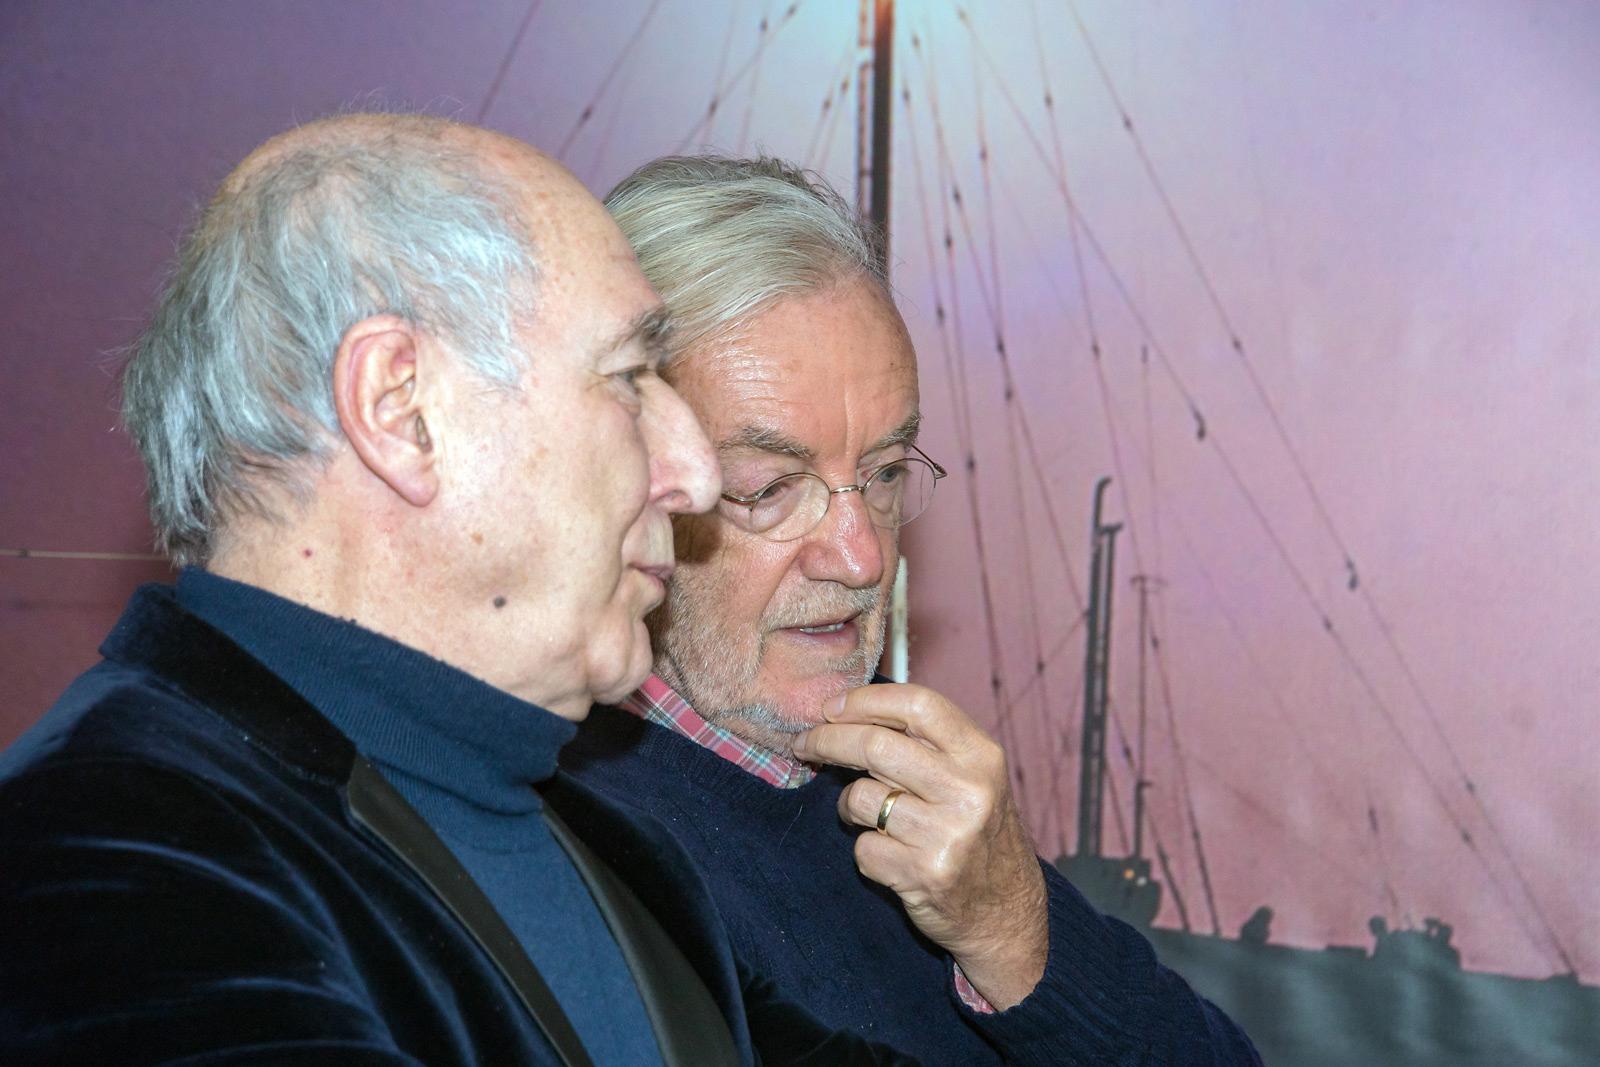 Peter Koelewijn en Lex Harding in gesprek met elkaar